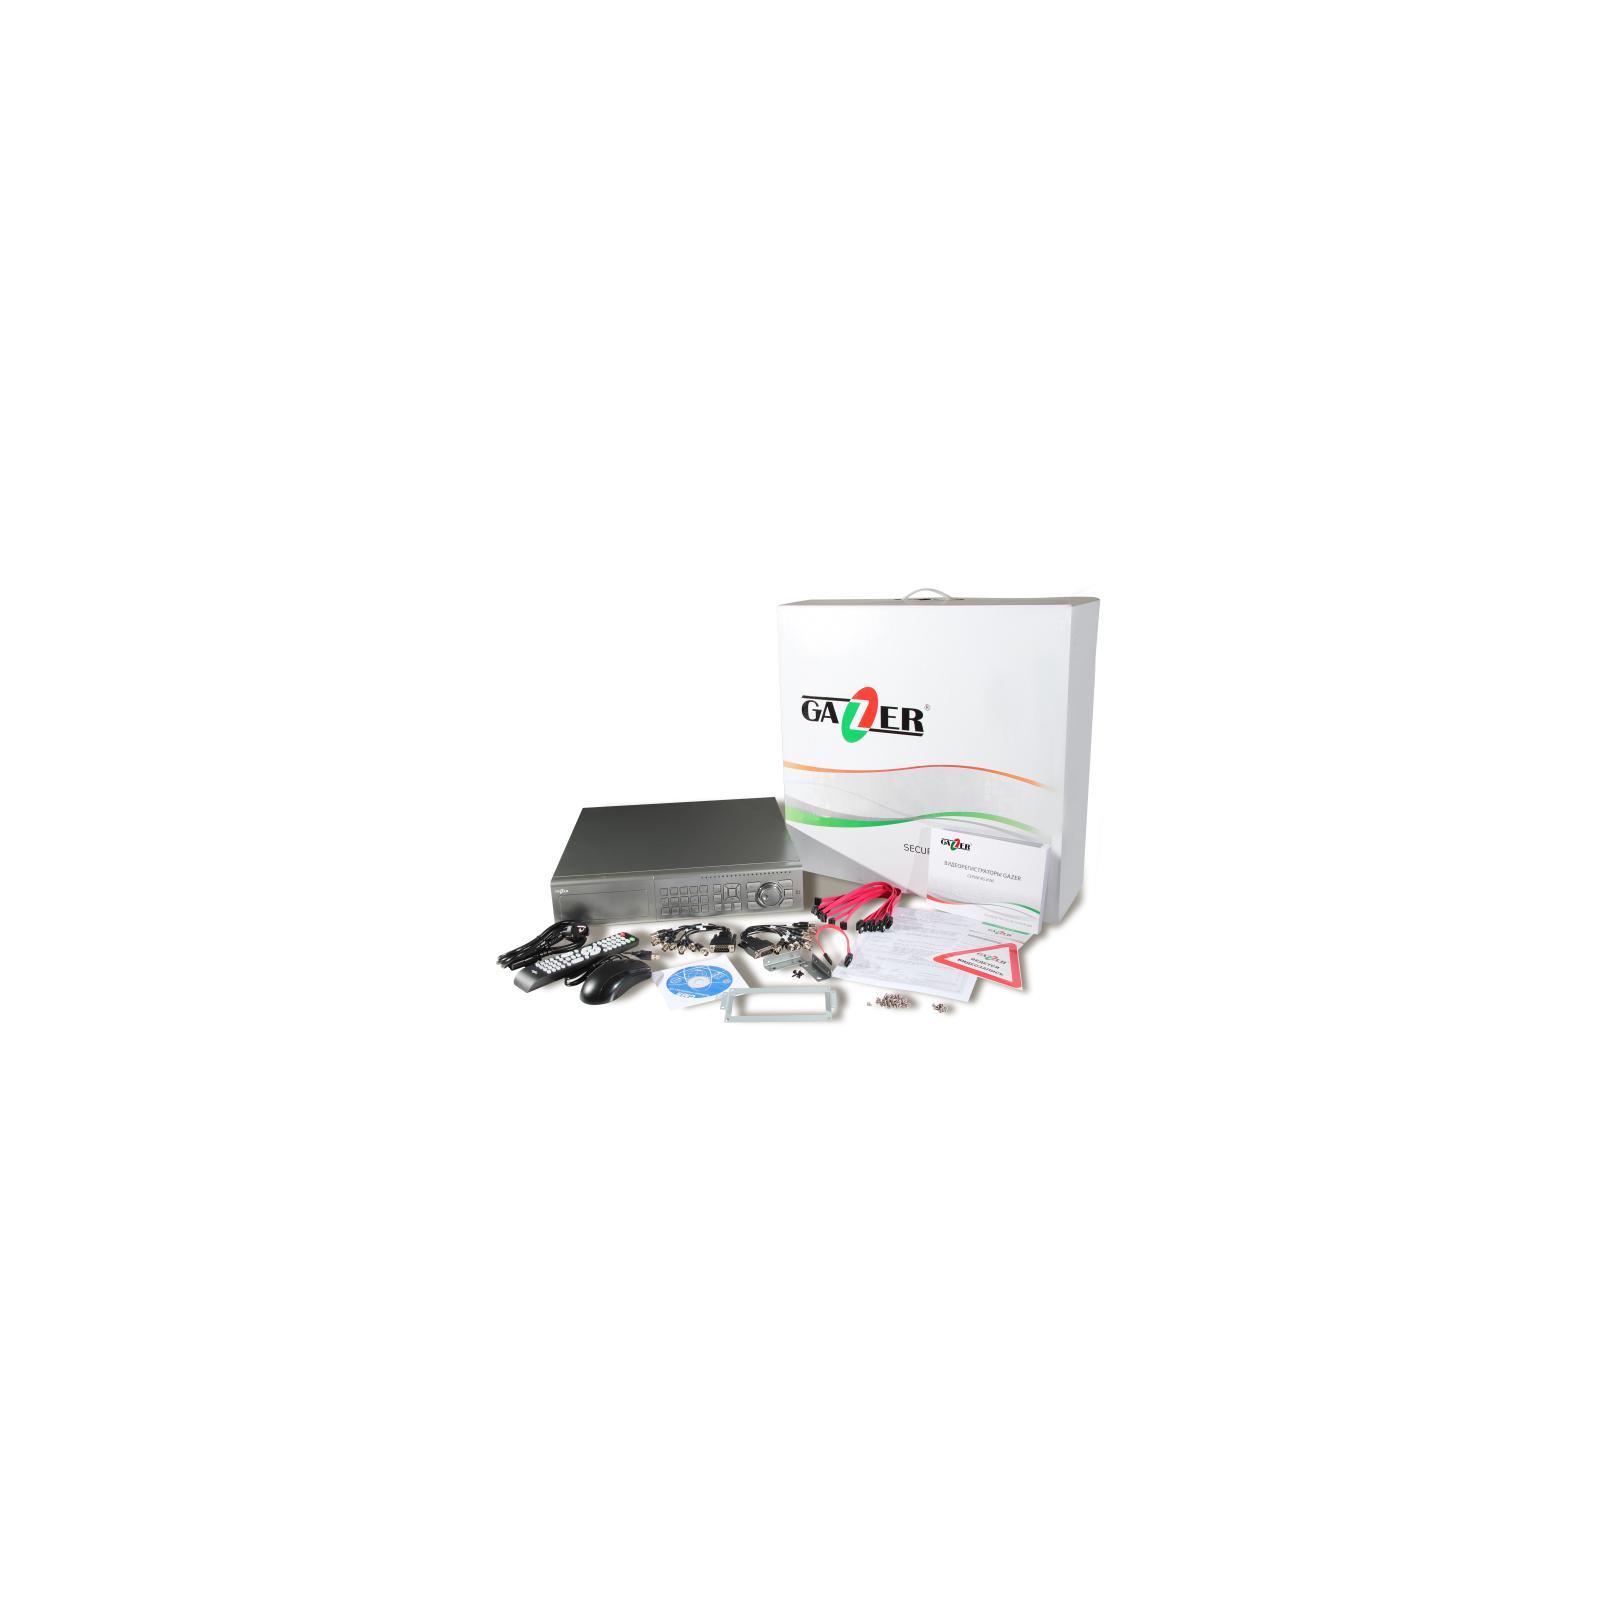 Регистратор для видеонаблюдения Gazer NS2224r изображение 12